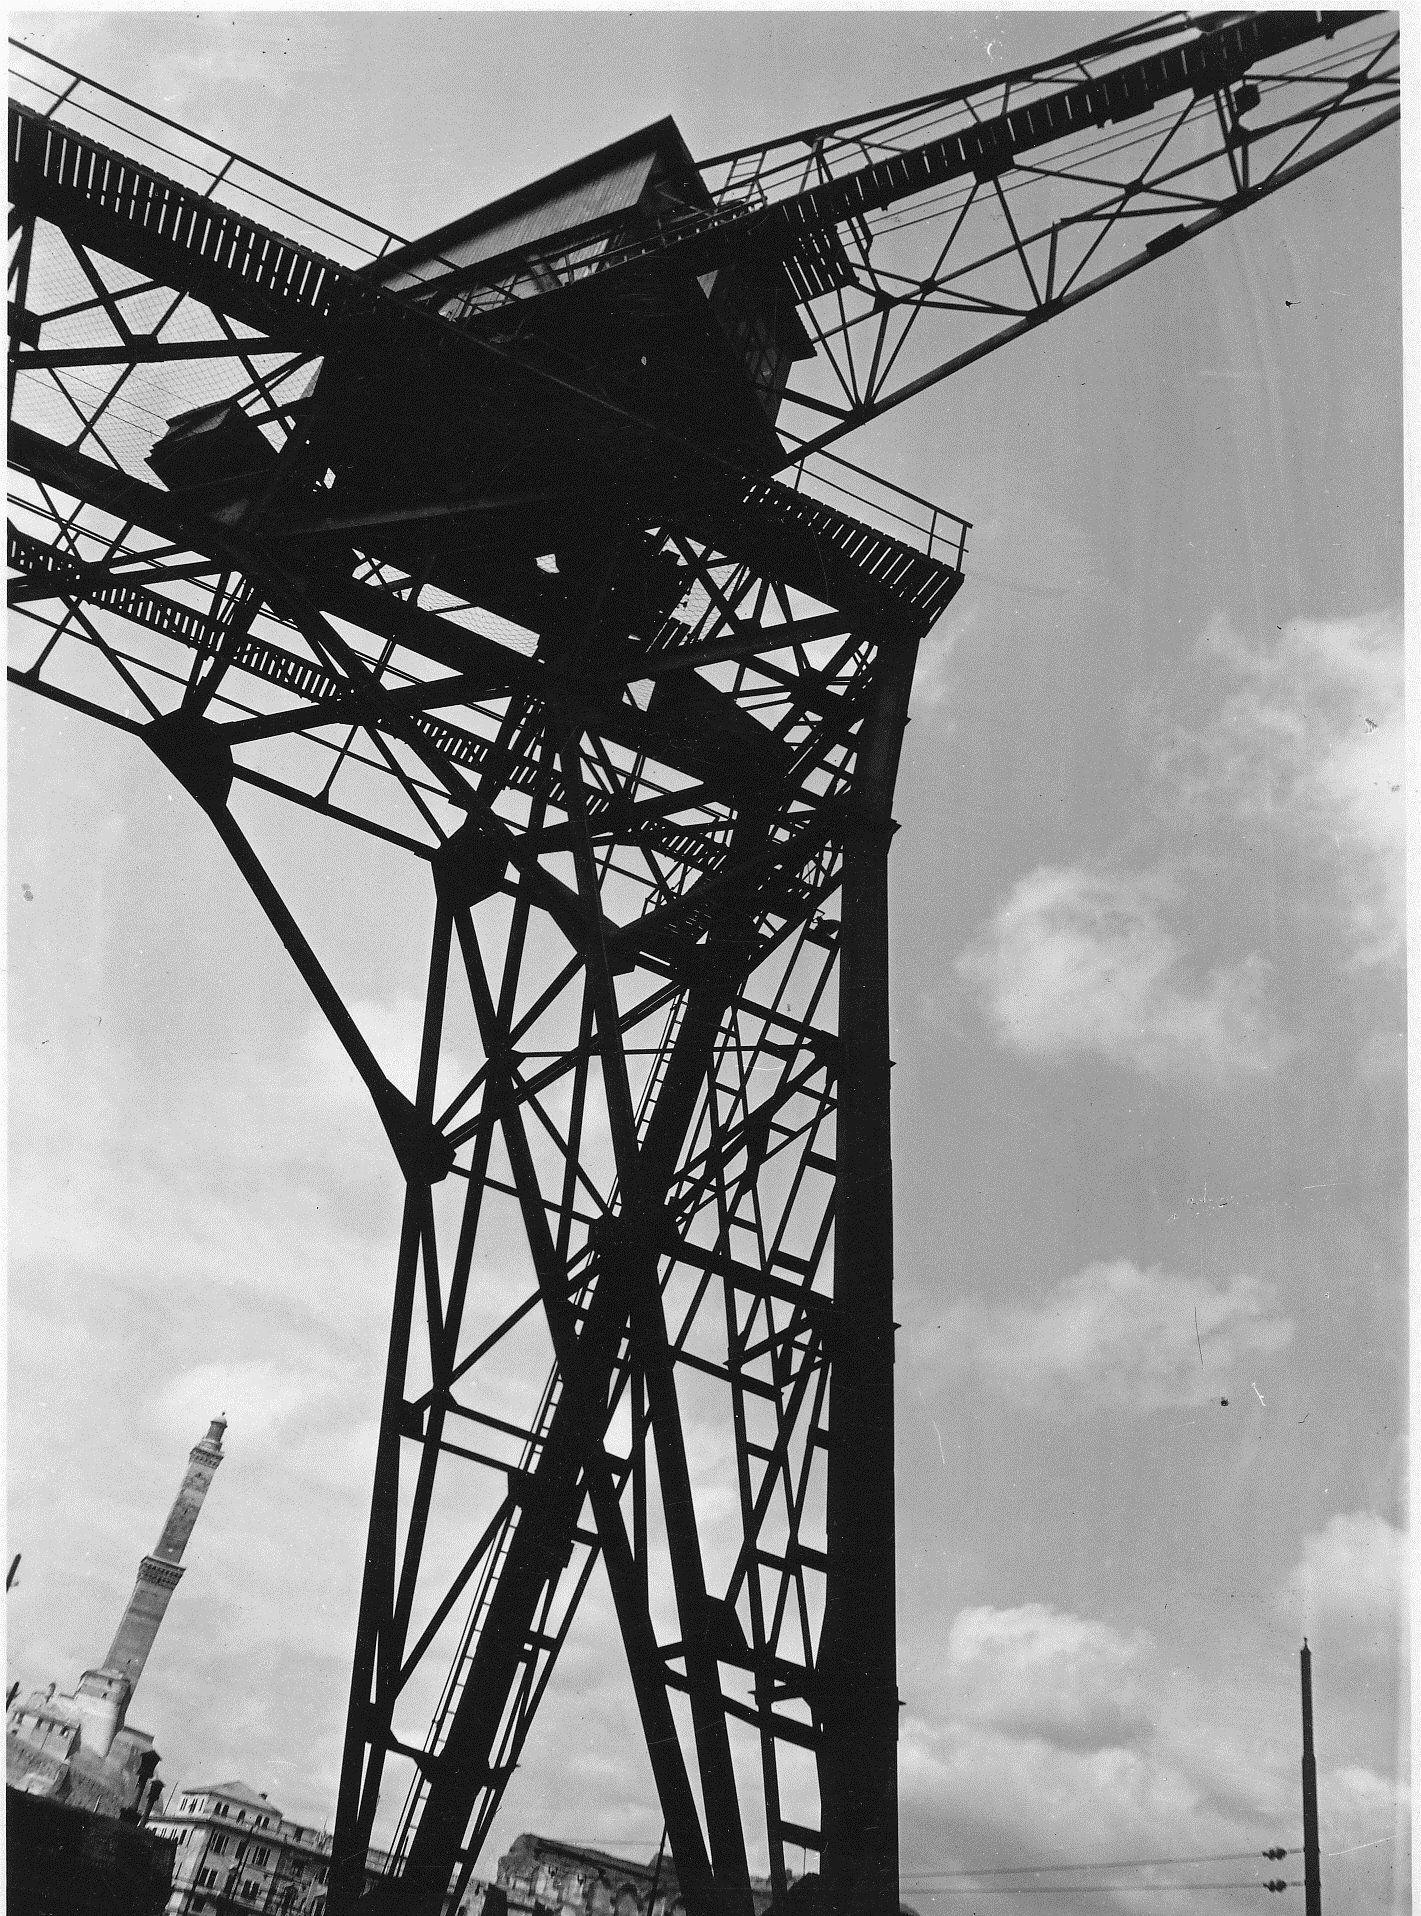 Una gru del Porto di Genova; sullo sfondo, la Lanterna (Photo: Cresta, 1937-1938) #genova #genoa #liguria #portodigenova #portofgenoa #lanterna #lighthouse